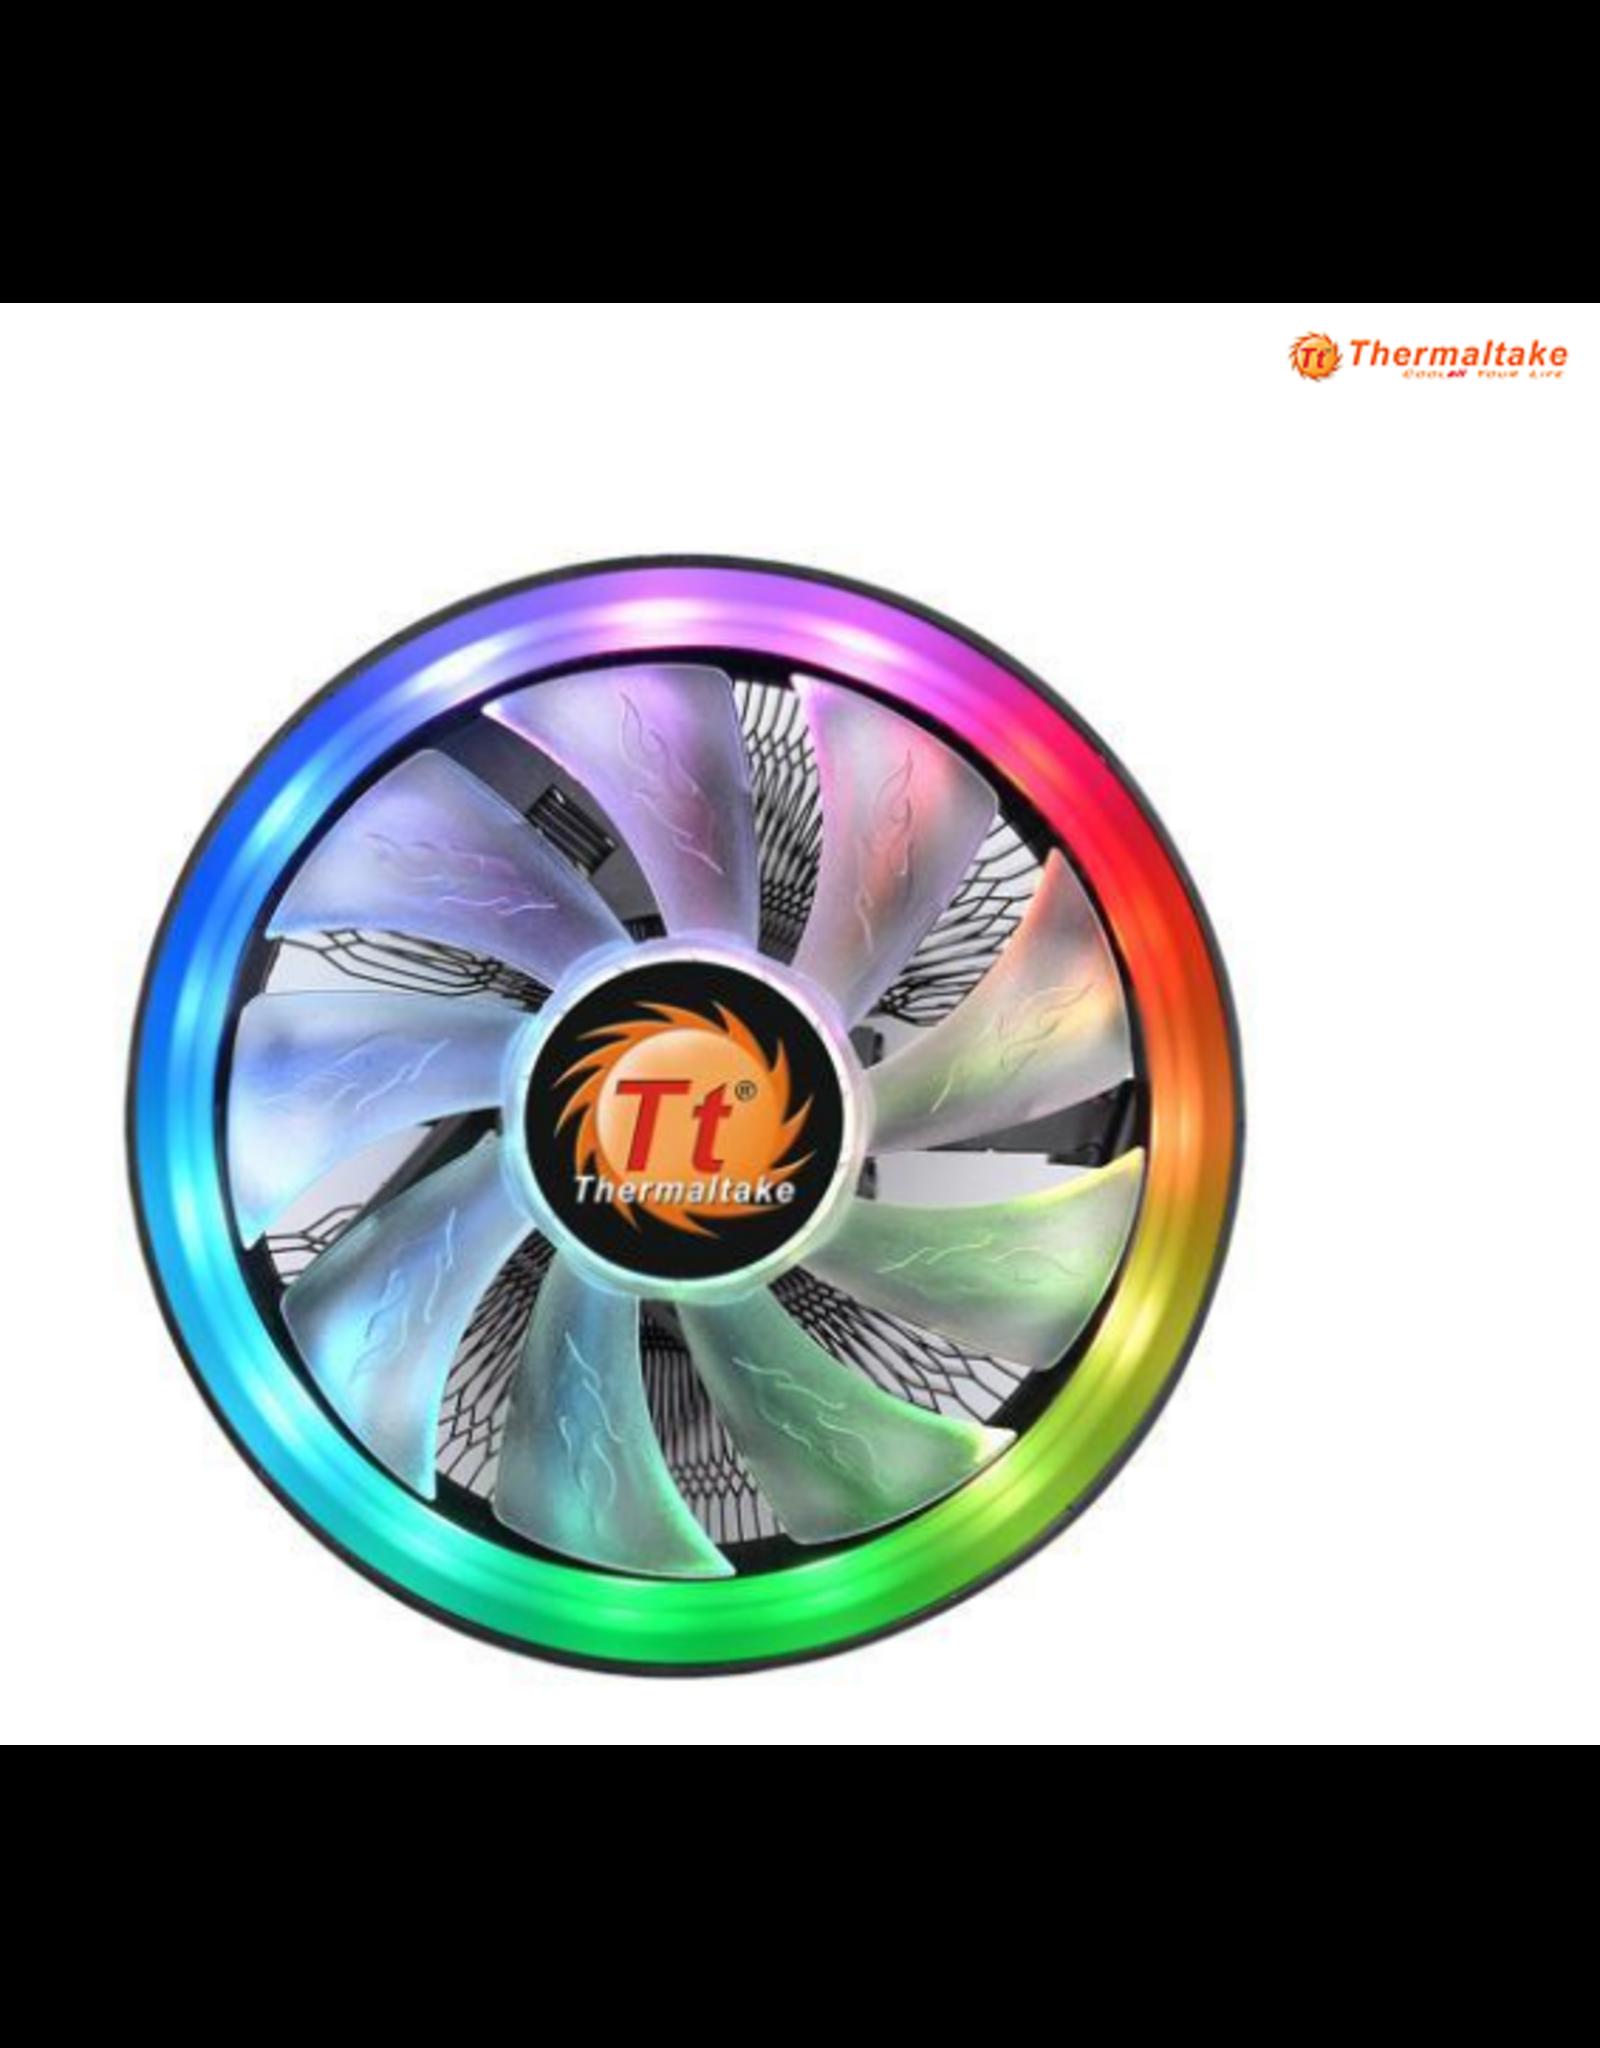 Thermaltake Thermaltake UX100 5V Motherboard Sync High Airflow Hydraulic Bearing ARGB Lighting CPU Cooler